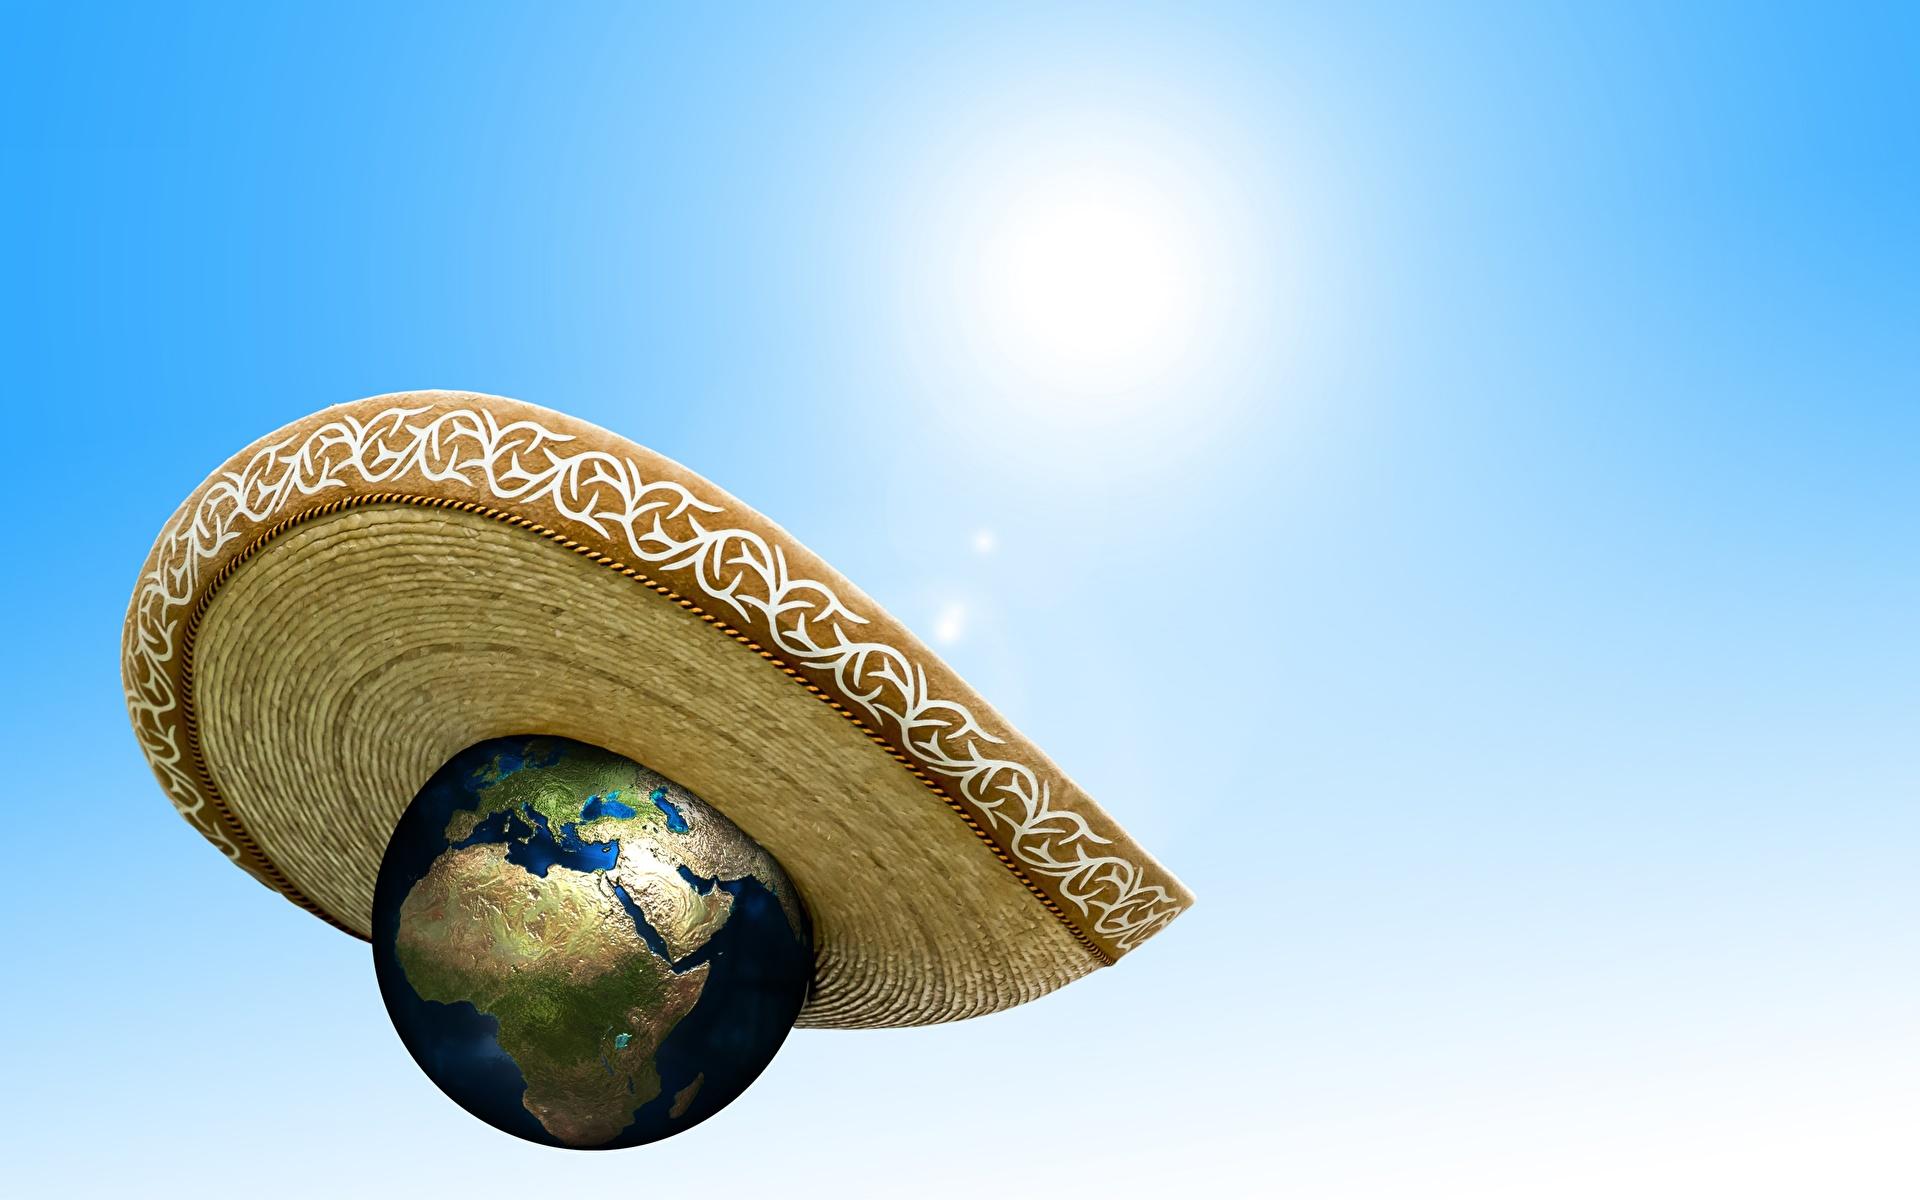 Фотография Земля global warming Шляпа Космос 1920x1200 земли шляпы шляпе